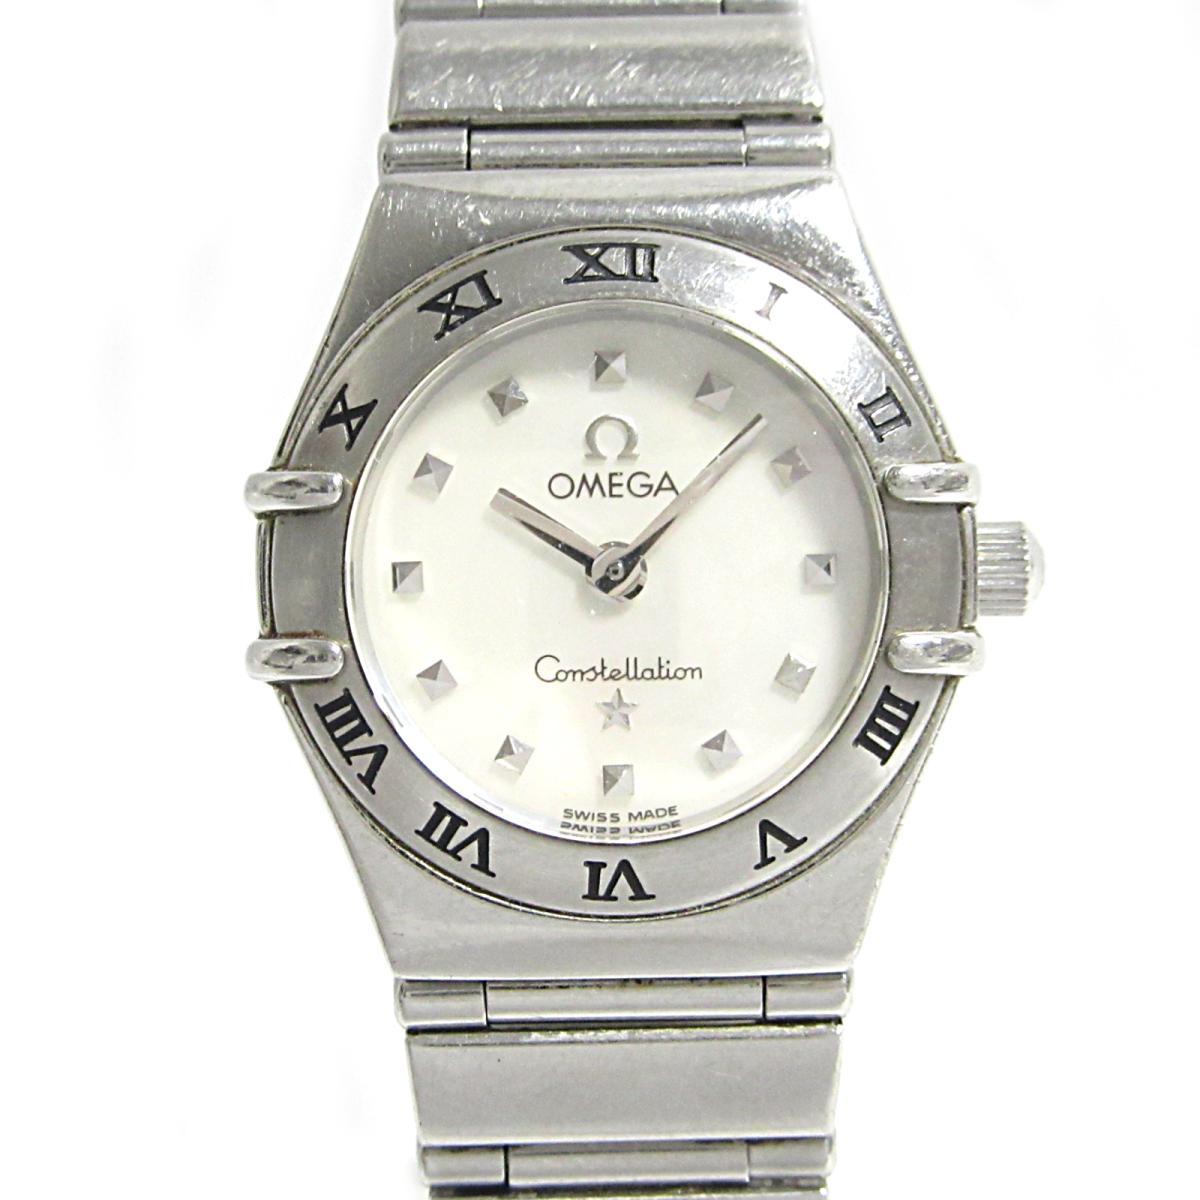 【中古】 オメガ コンステレーション ミニ マイチョイス 腕時計 ウォッチ レディース ステンレススチール (SS) (1561.71) | OMEGA BRANDOFF ブランドオフ ブランド ブランド時計 ブランド腕時計 時計